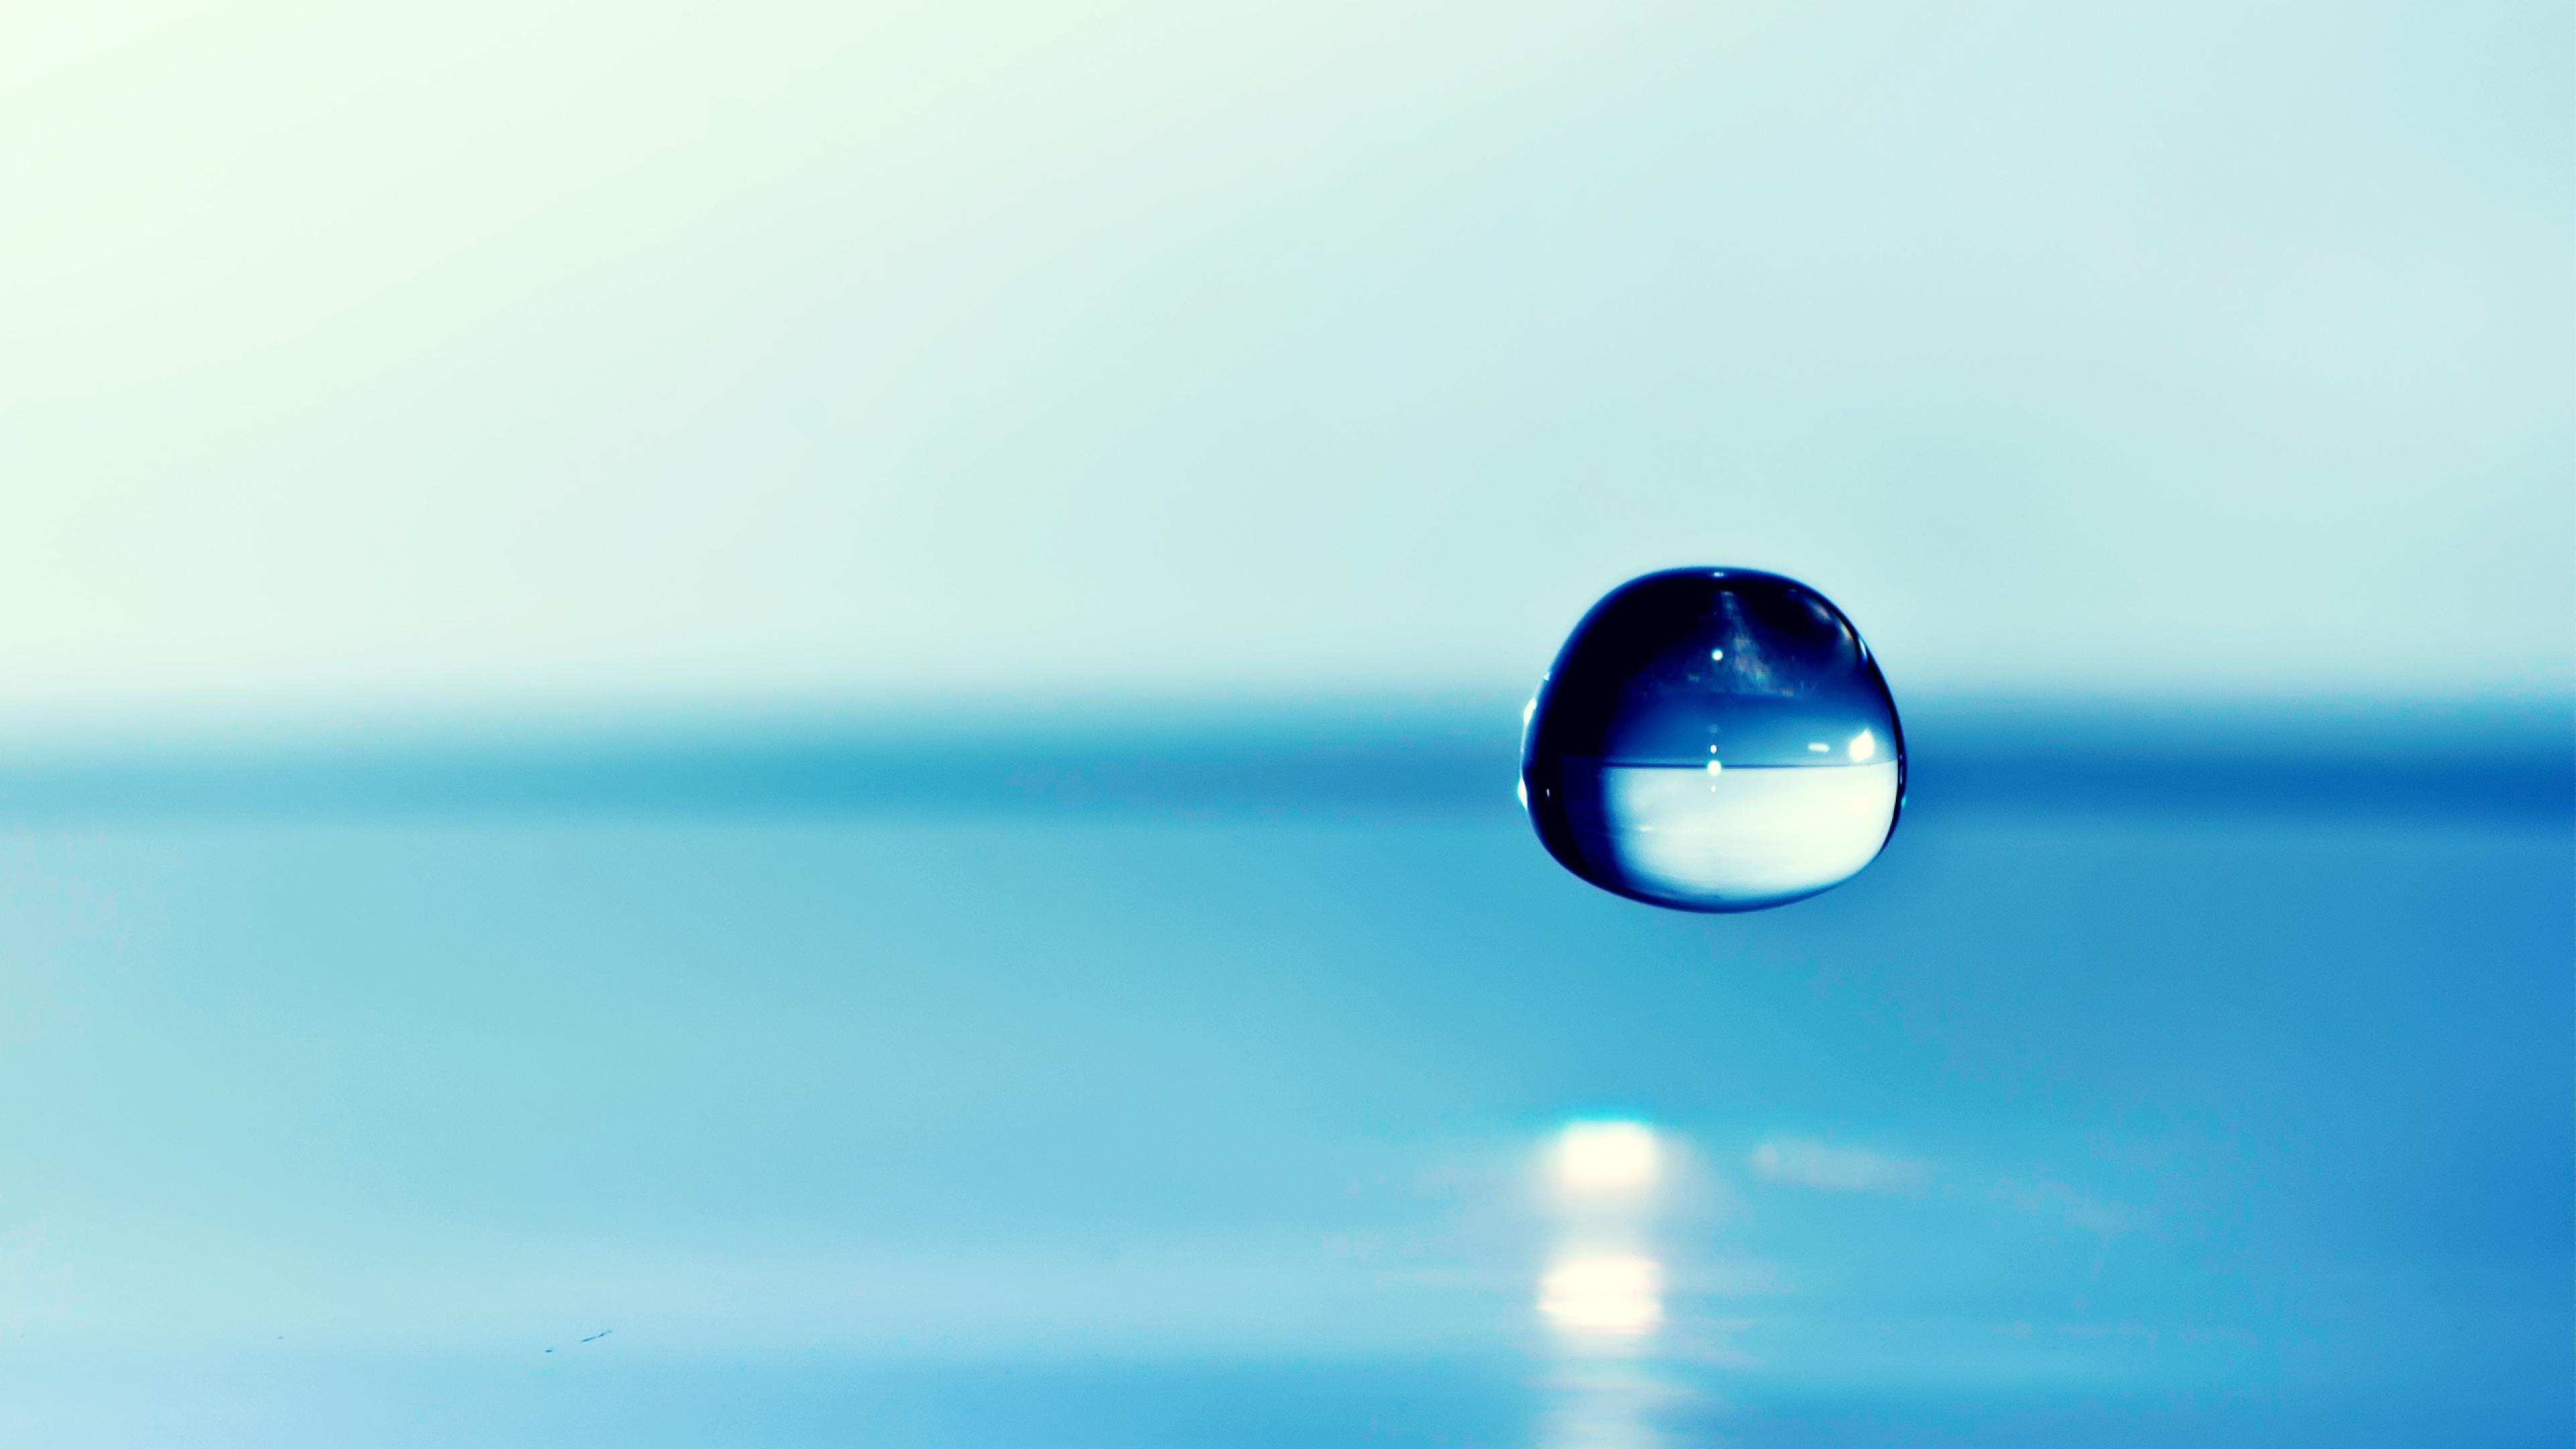 water drop focus wallpaper 44886 3840x2160 px